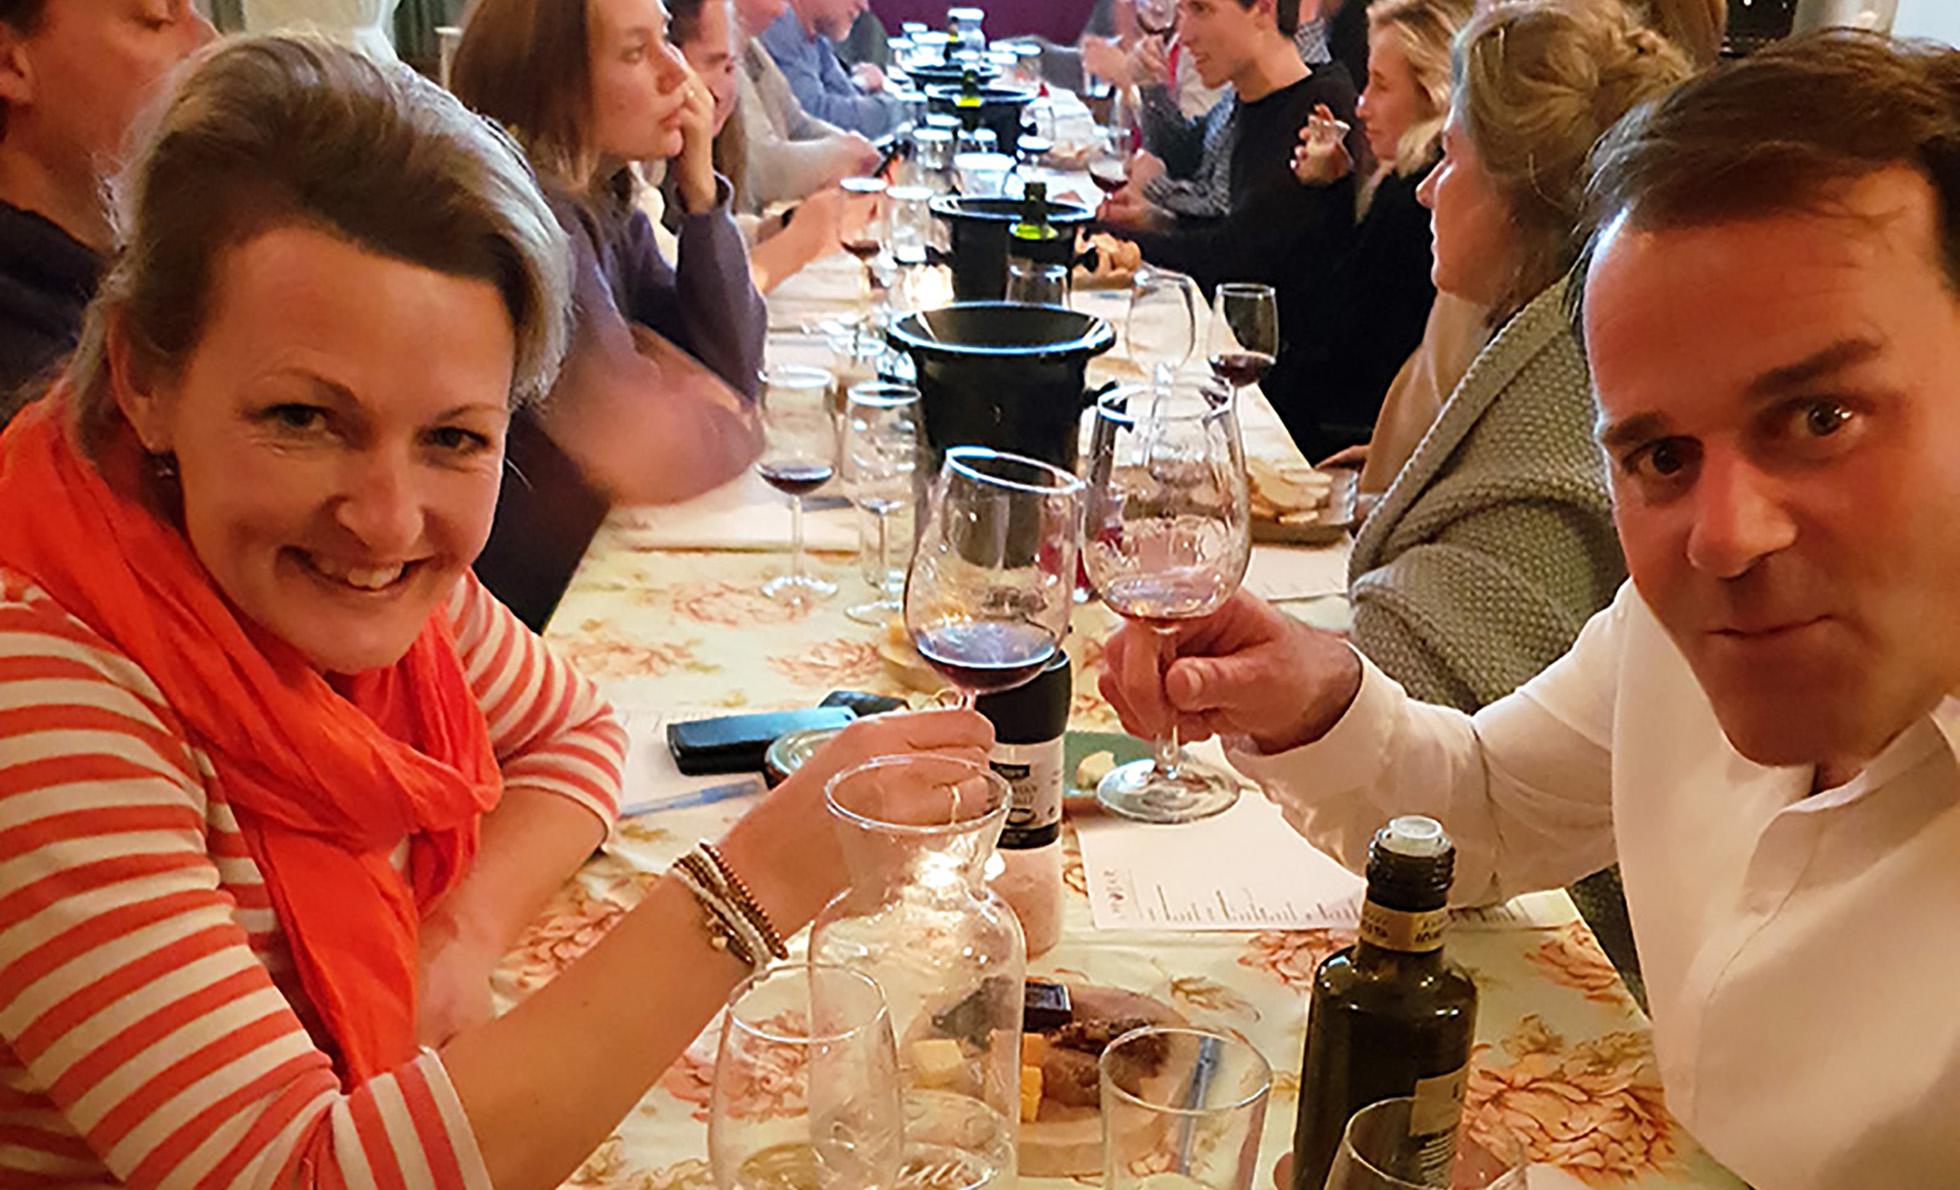 Wijnproeverij op locatie: Een culinaire afsluiting van onze cursus.